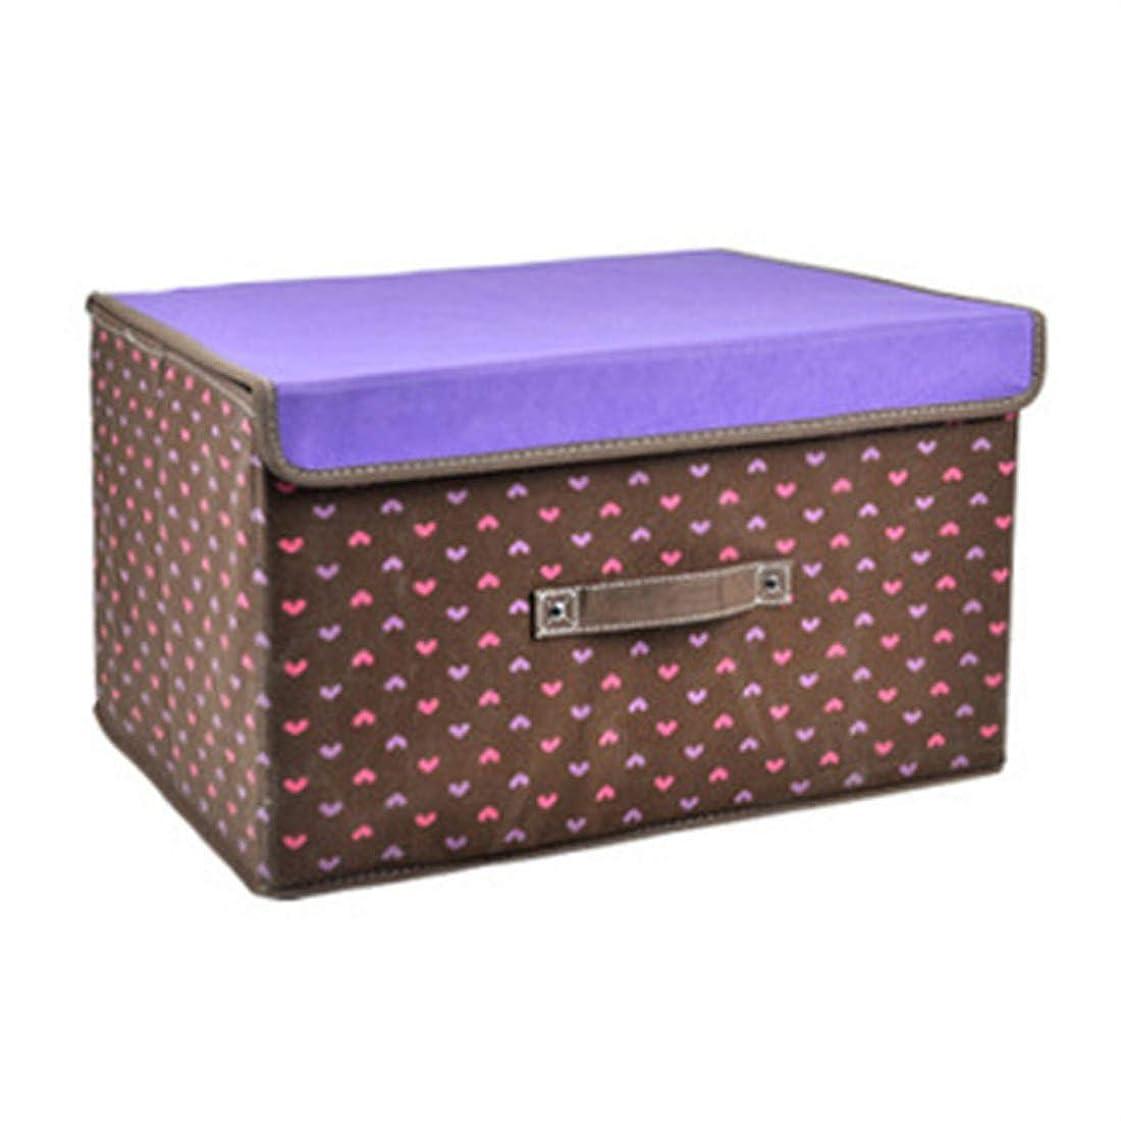 KLUMA 収納ボックス 不織布 ふた付き インナーボックス おしゃれ 大容量 折り畳み 小物入れ 衣類収納 防塵 防カビ 長さ*幅*高さ25*19*15.5cm